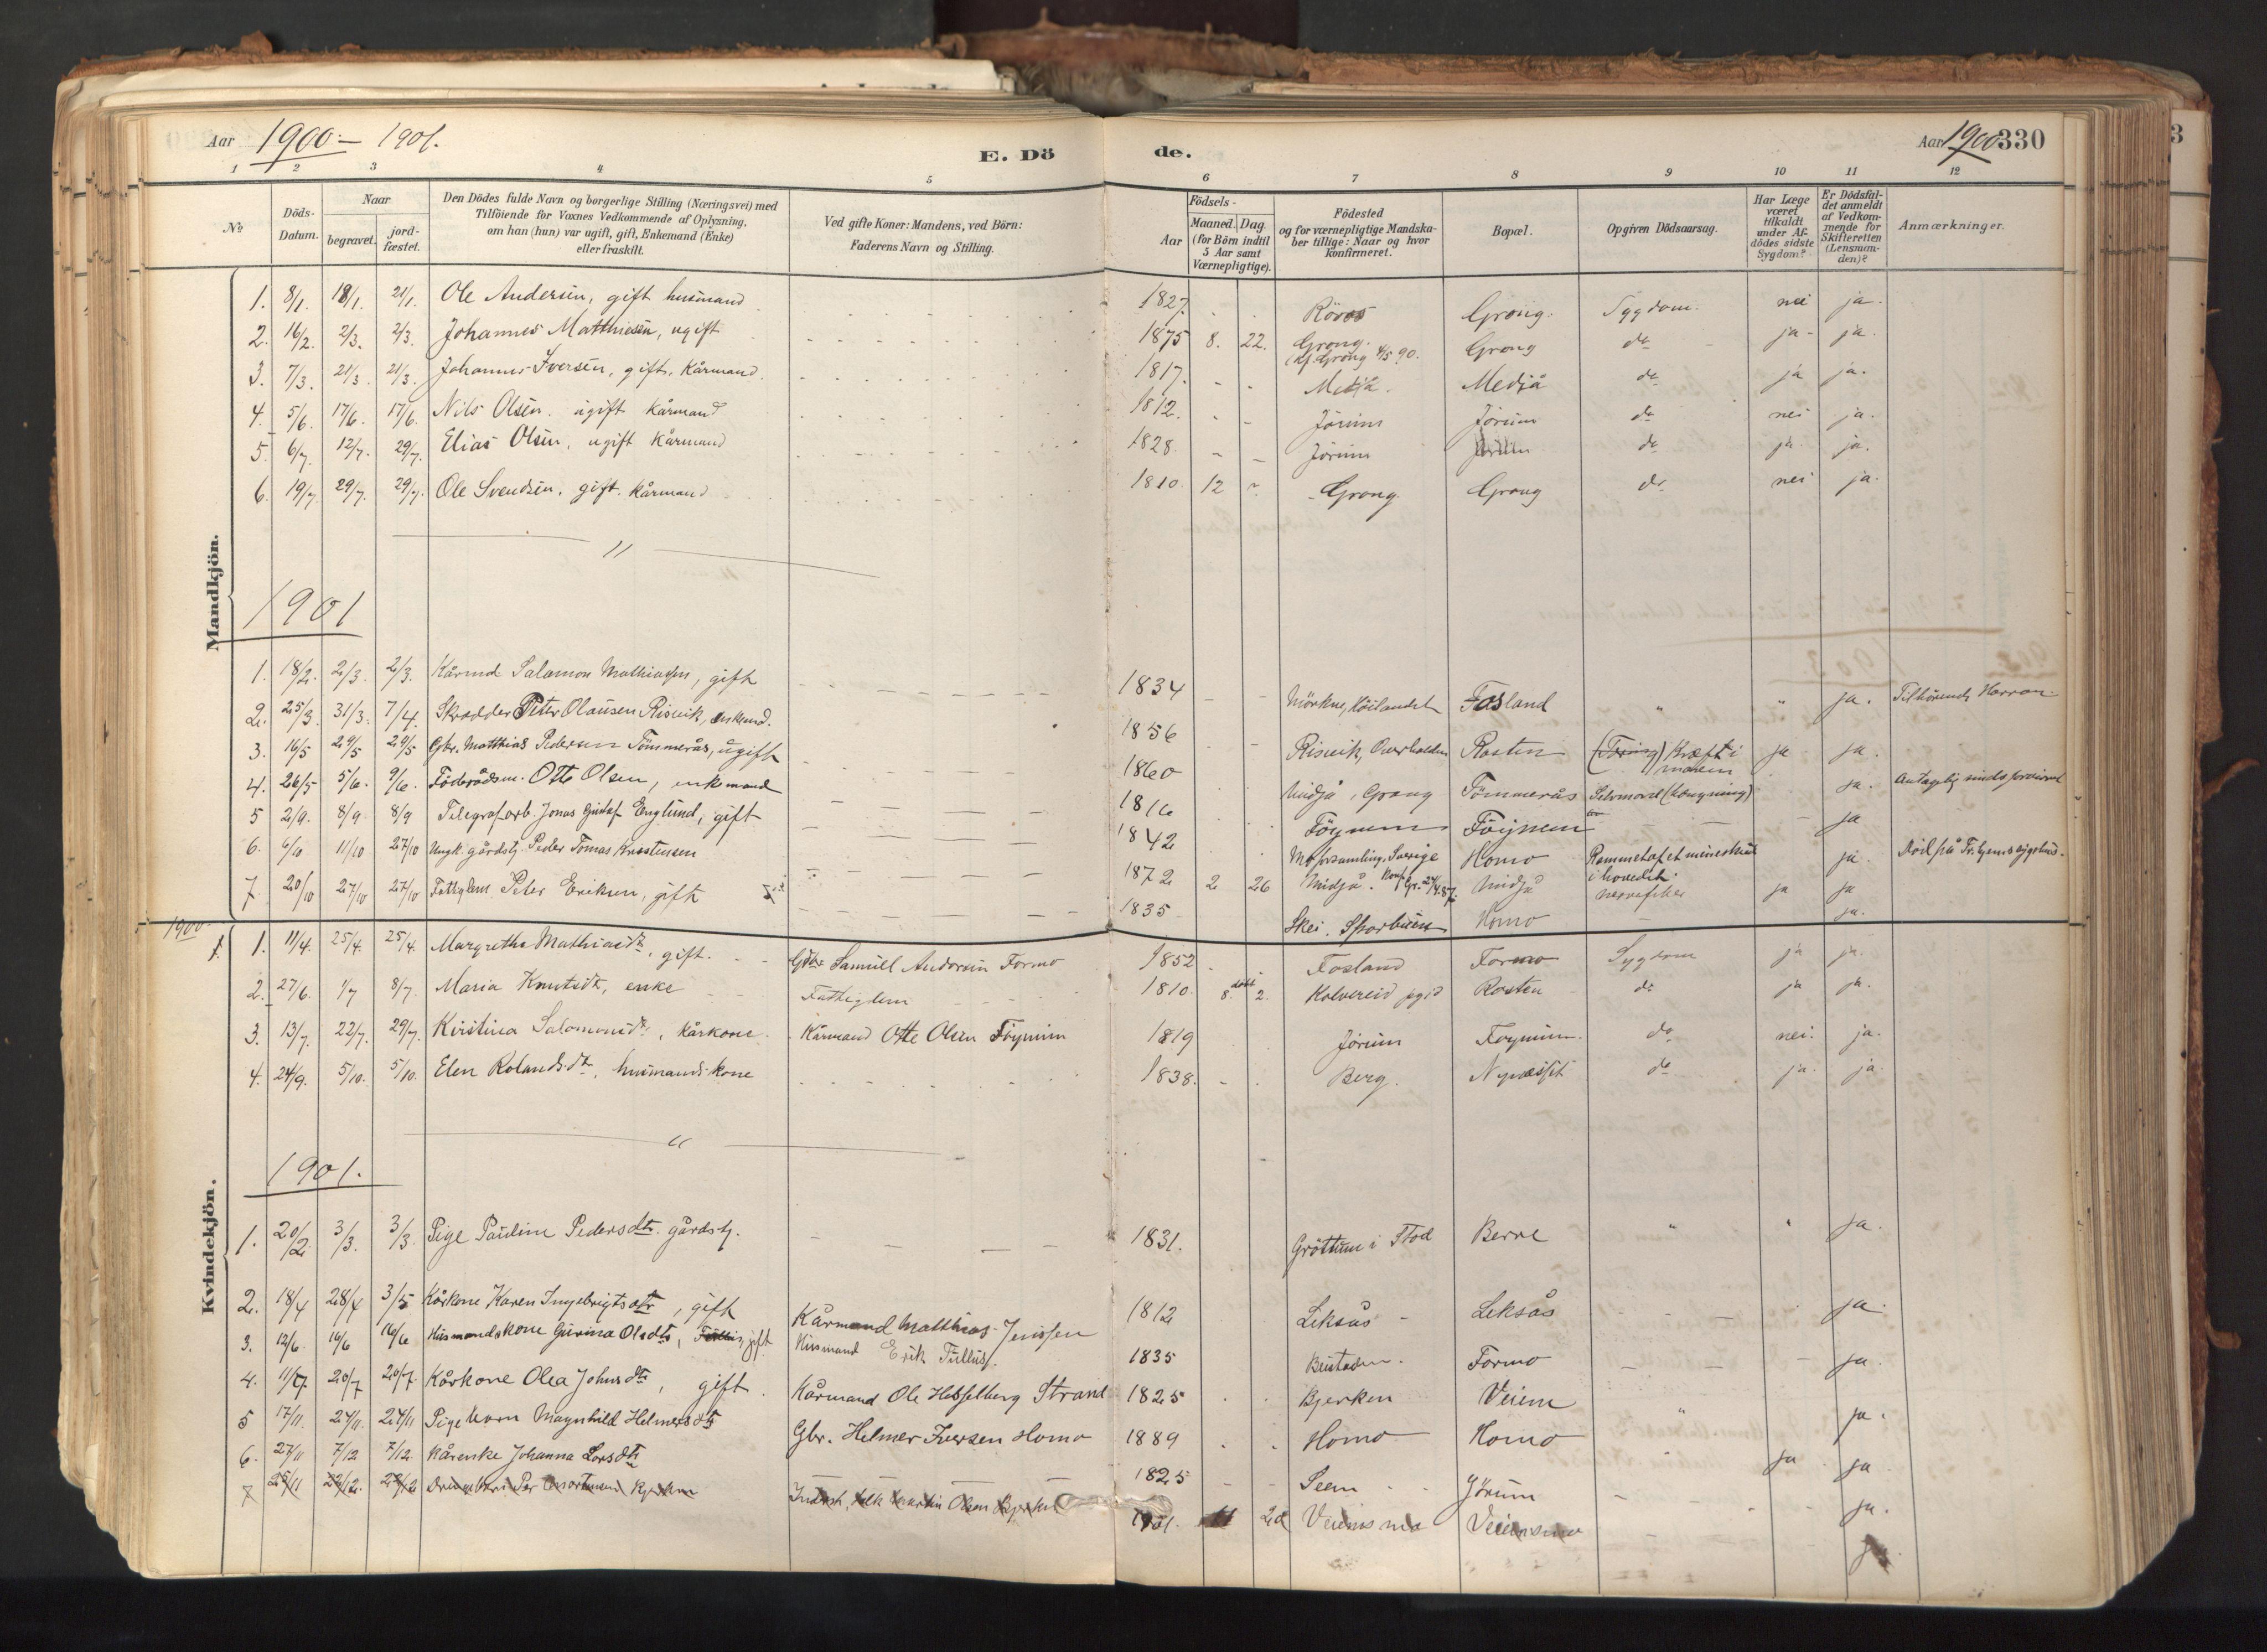 SAT, Ministerialprotokoller, klokkerbøker og fødselsregistre - Nord-Trøndelag, 758/L0519: Ministerialbok nr. 758A04, 1880-1926, s. 330